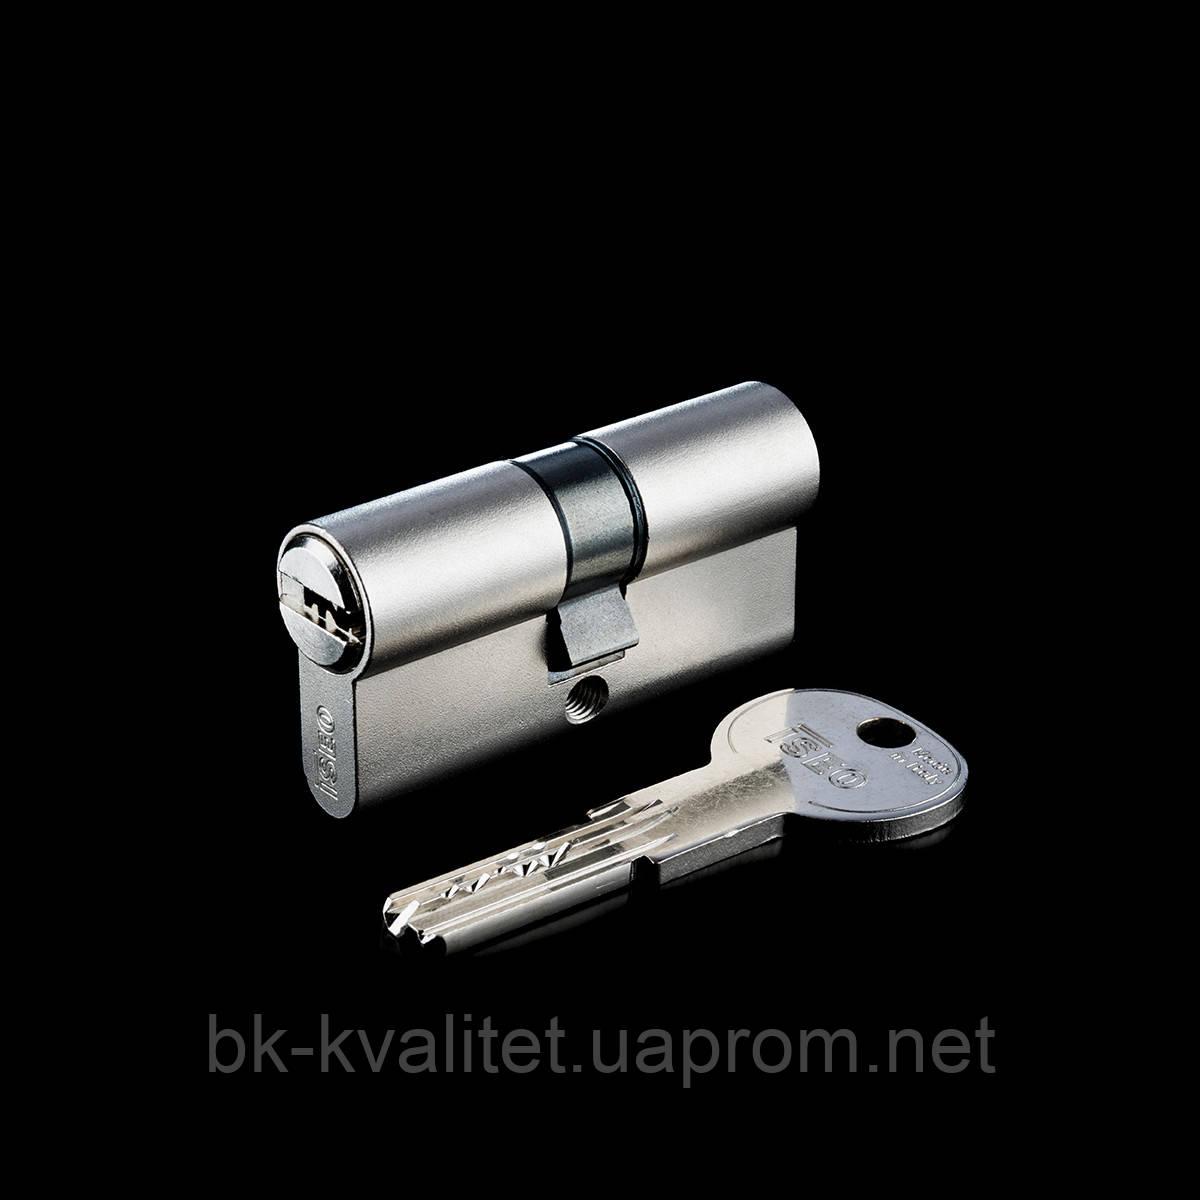 Цилиндр ISEO R6 95 (35х60) ключ/ключ, никель